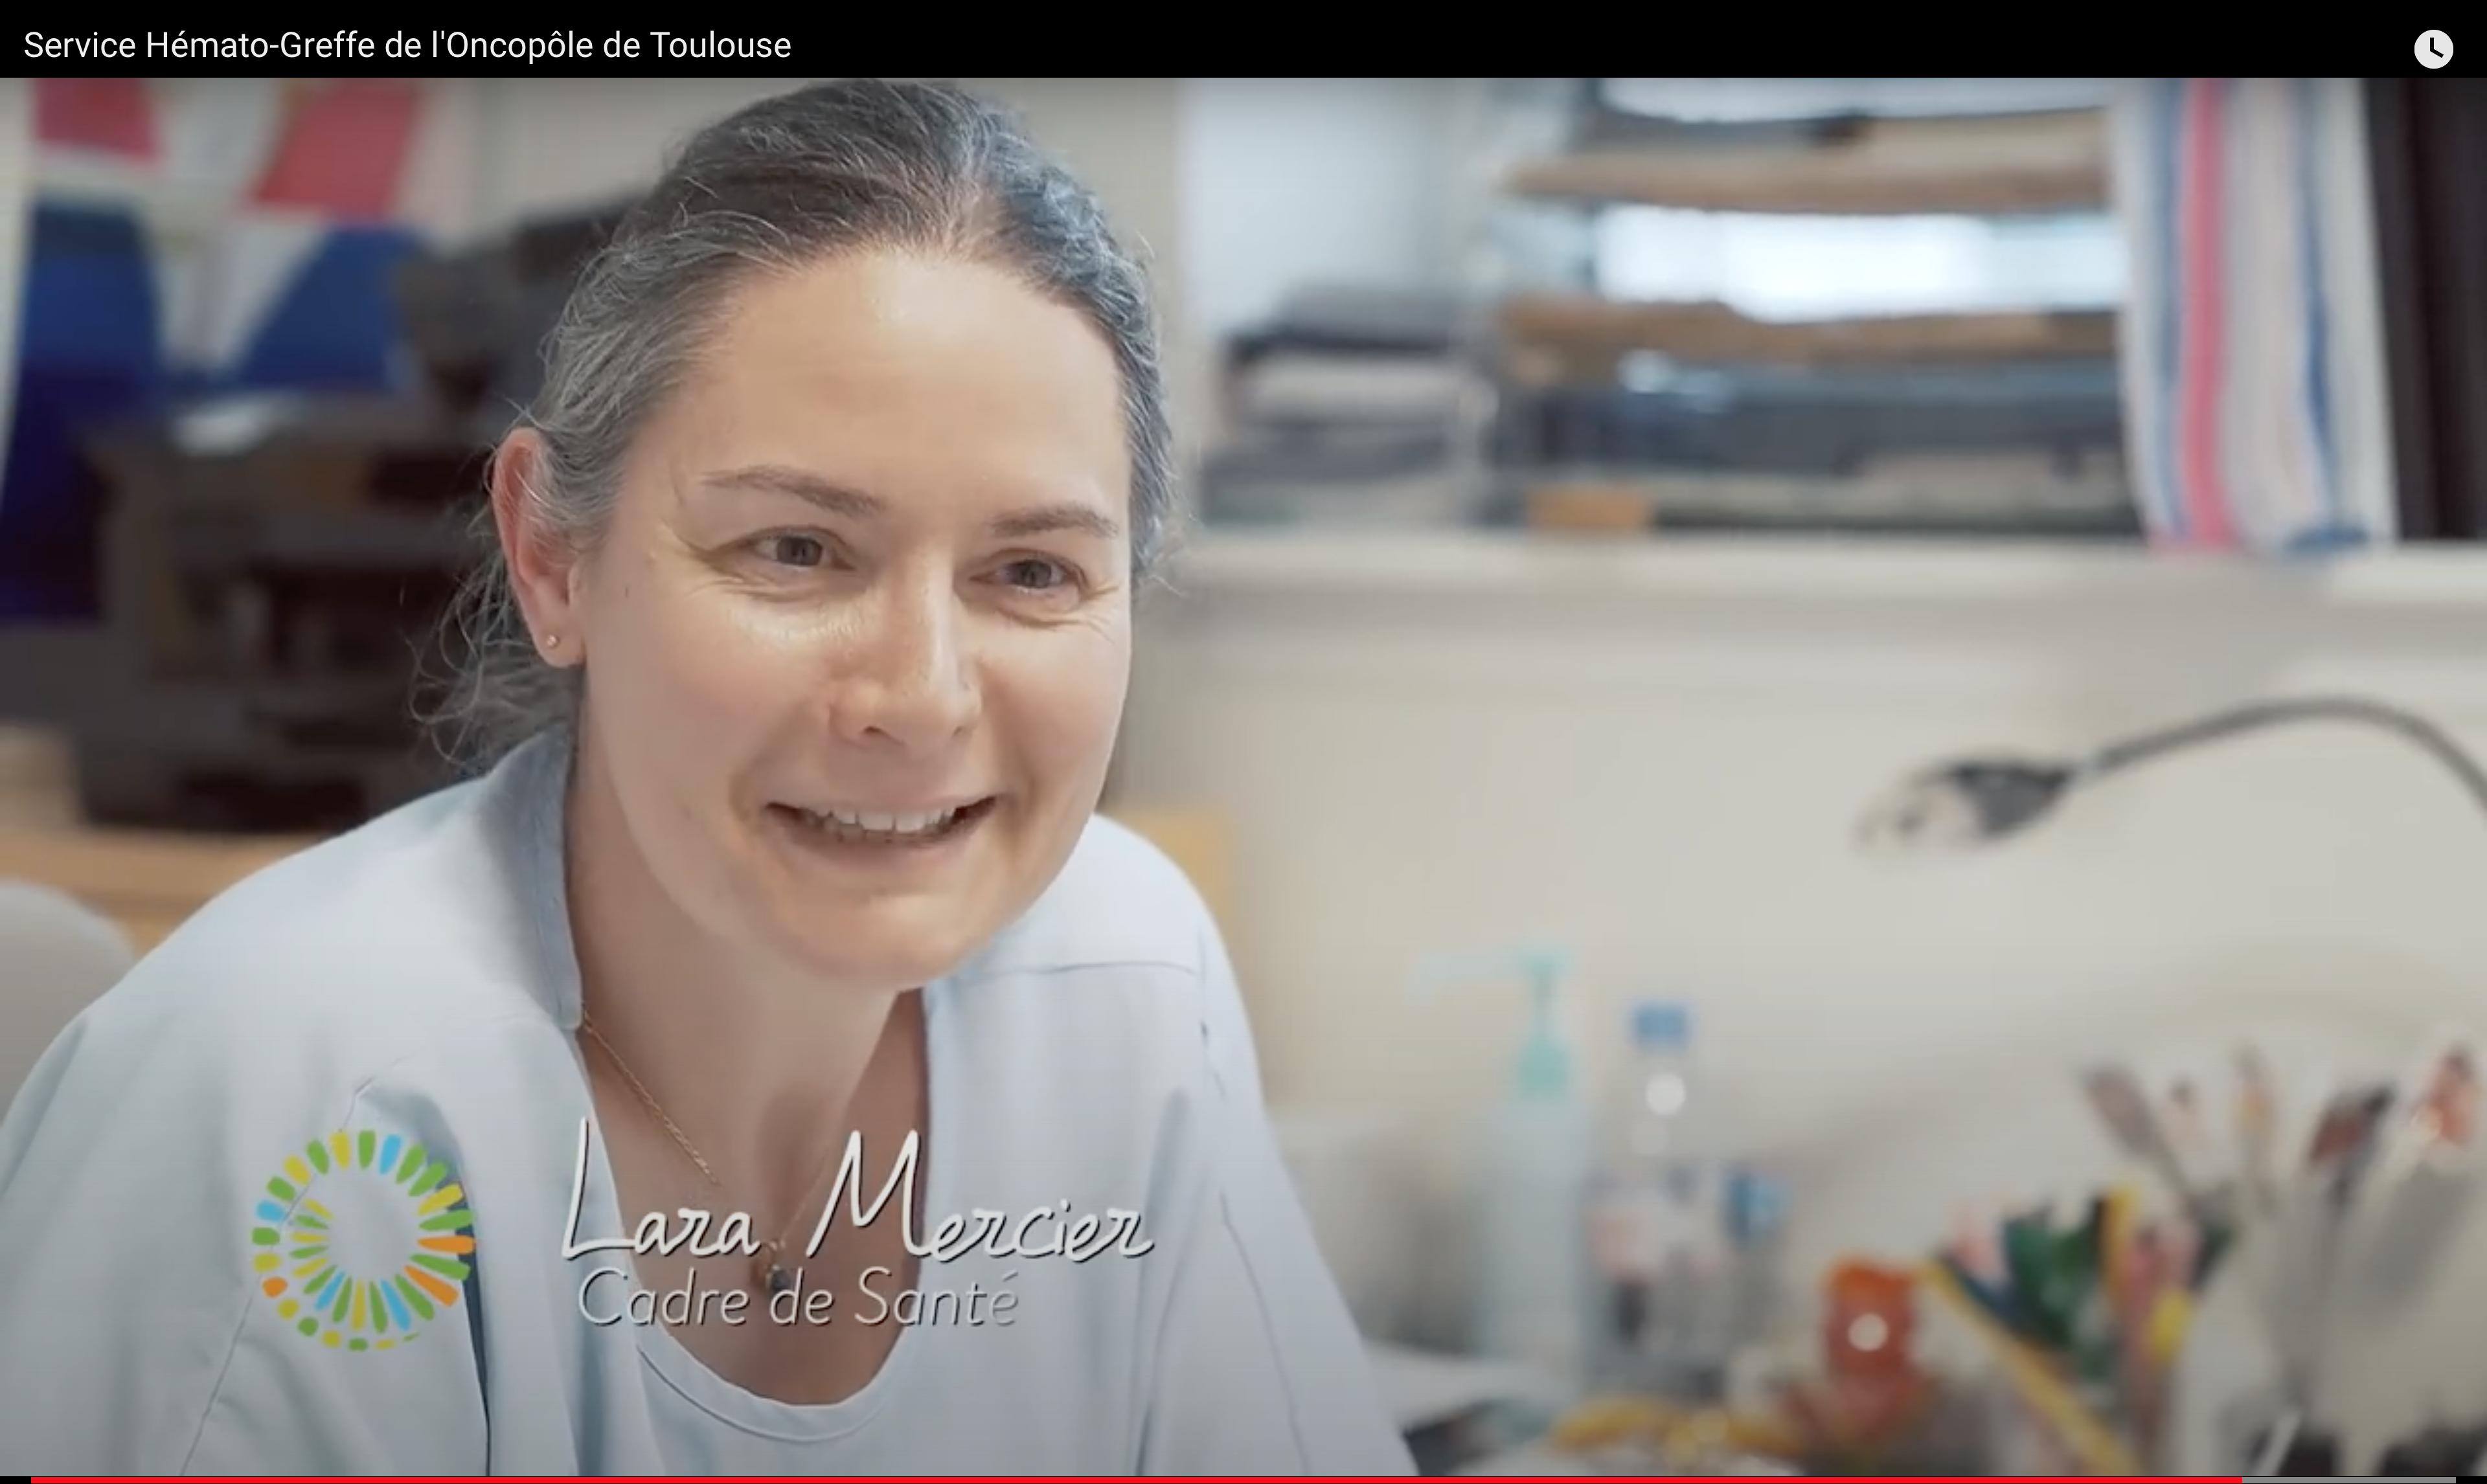 Lara Mercier cadre de santé